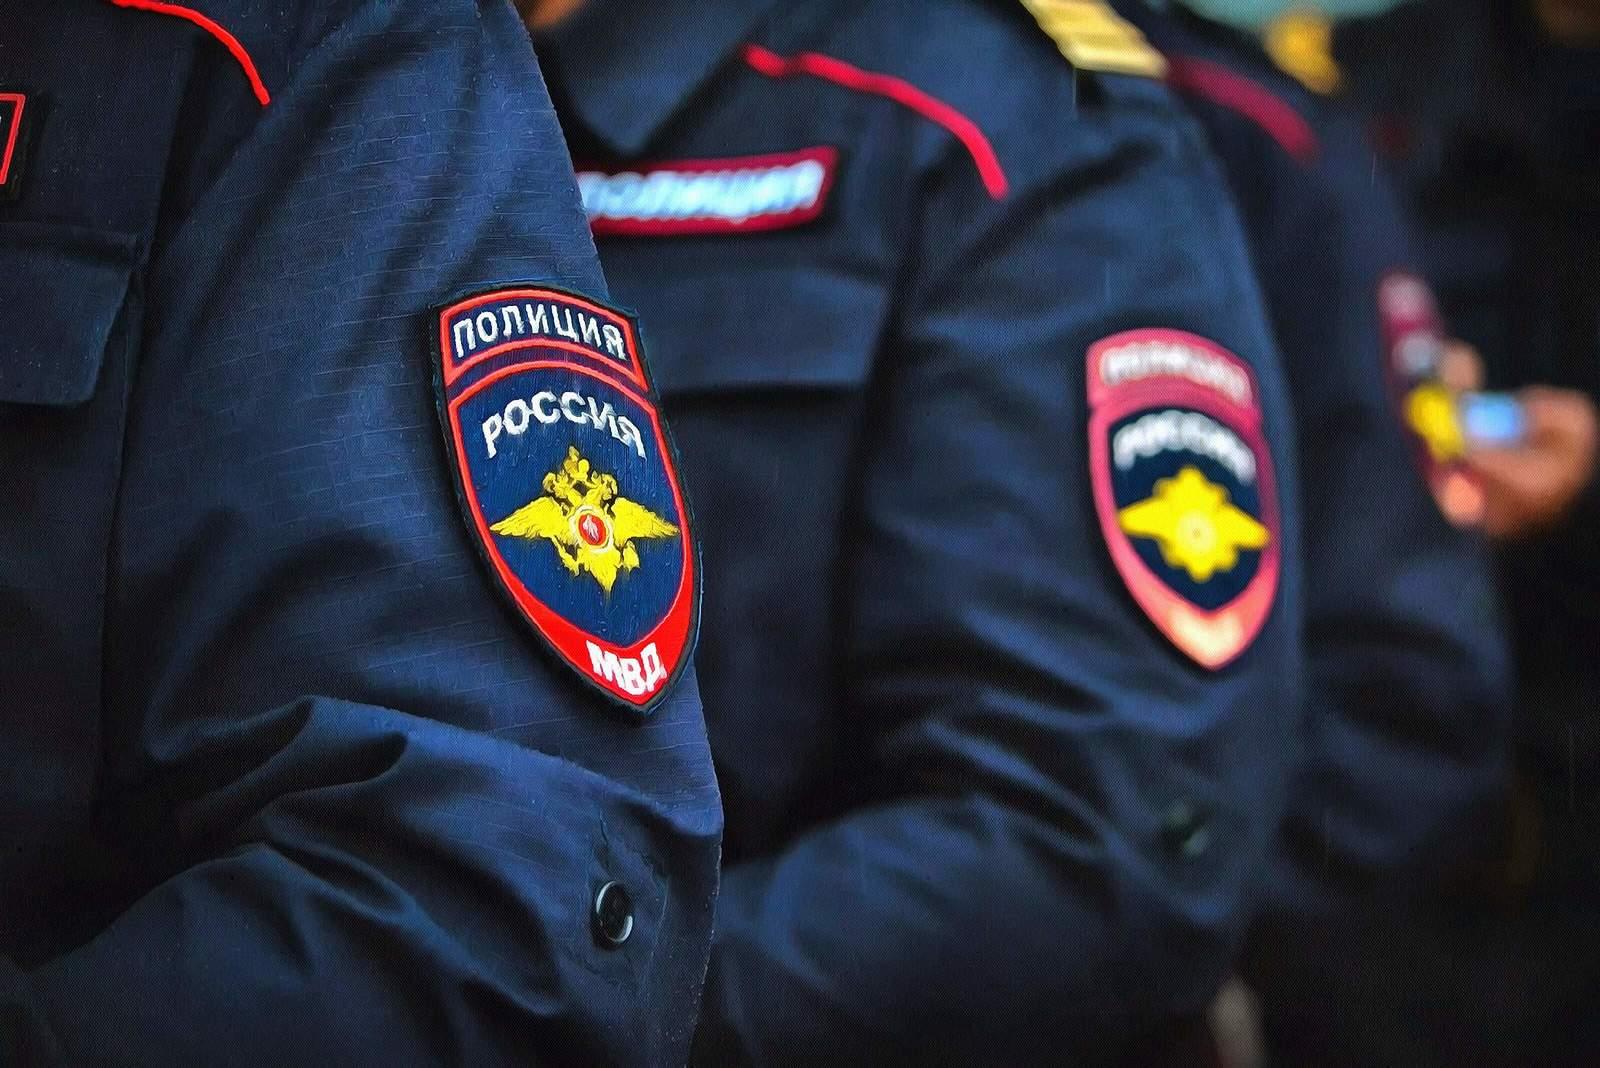 Сотрудников МВД России застрахуют на 1,8 трлн руб